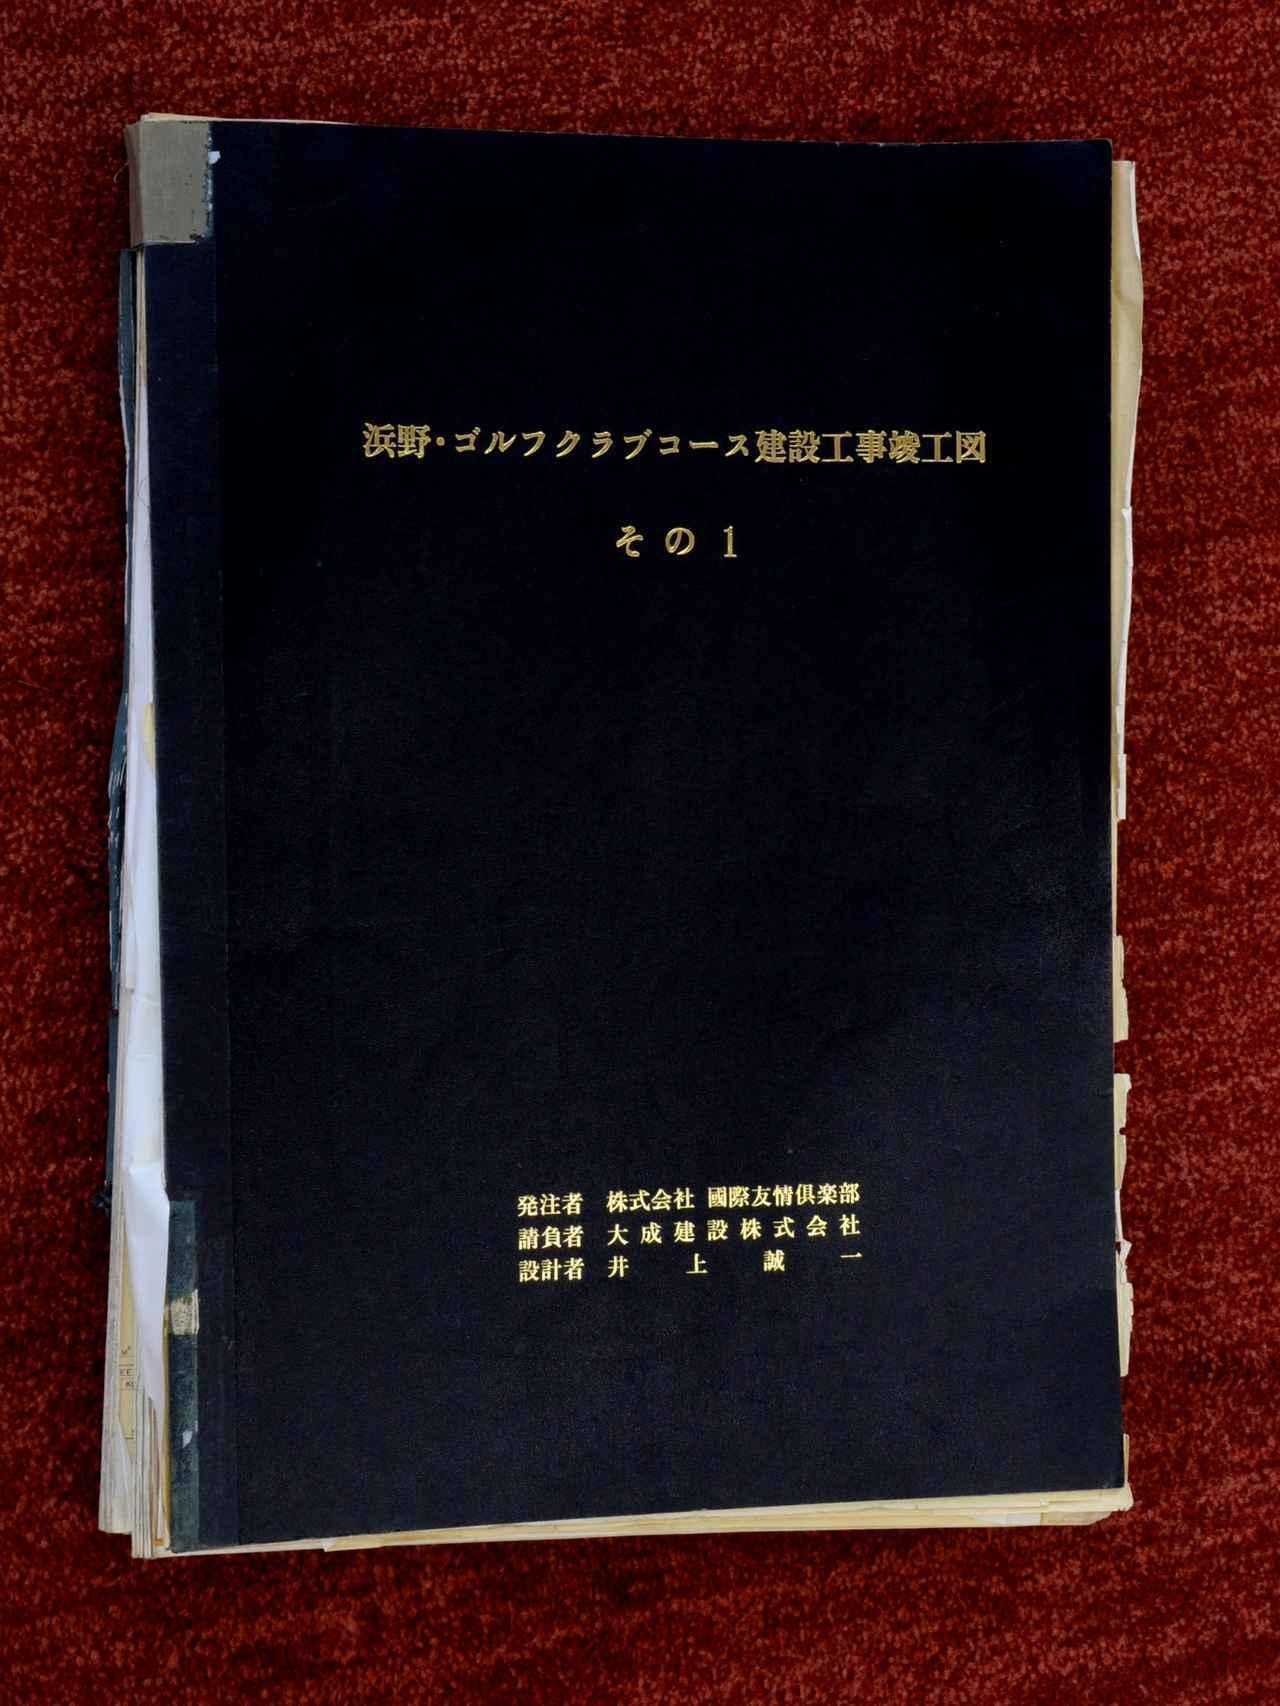 画像: 井上誠一が描いた設計図をもとに、大成建設が製図した資料が残る